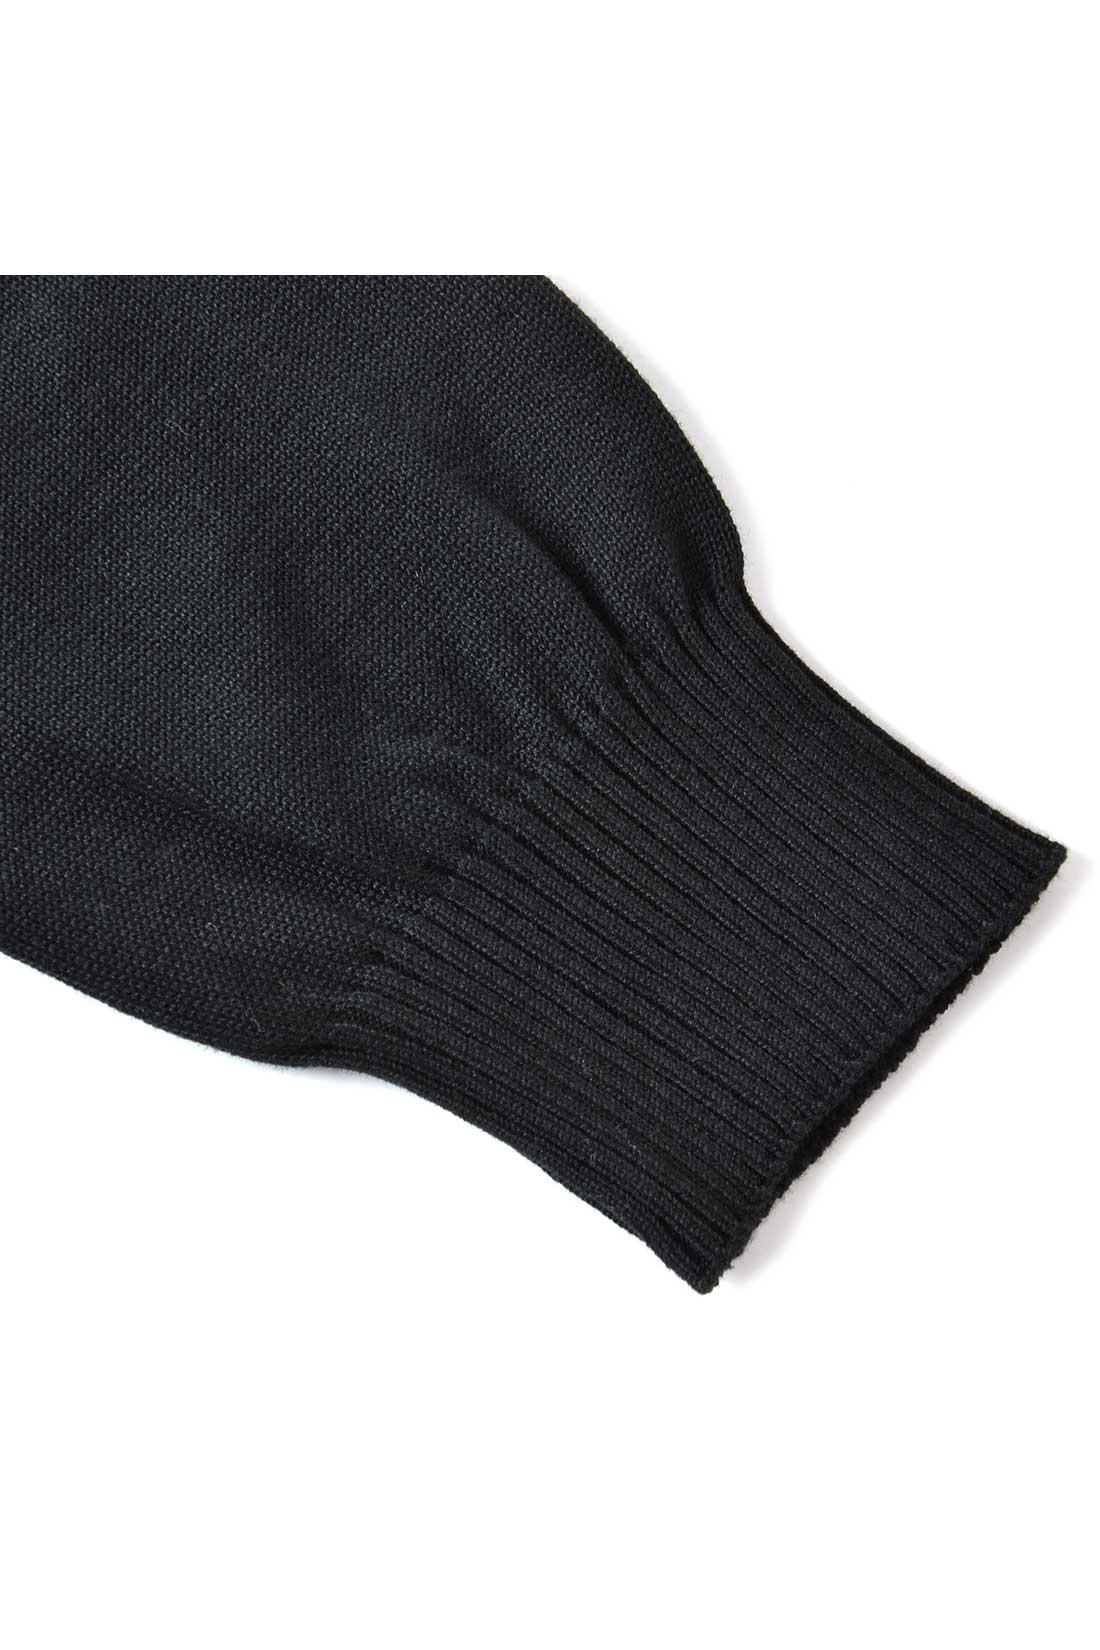 袖口のリブをキュッと仕上げて、少しポアンとなっているのがオンナノコ。